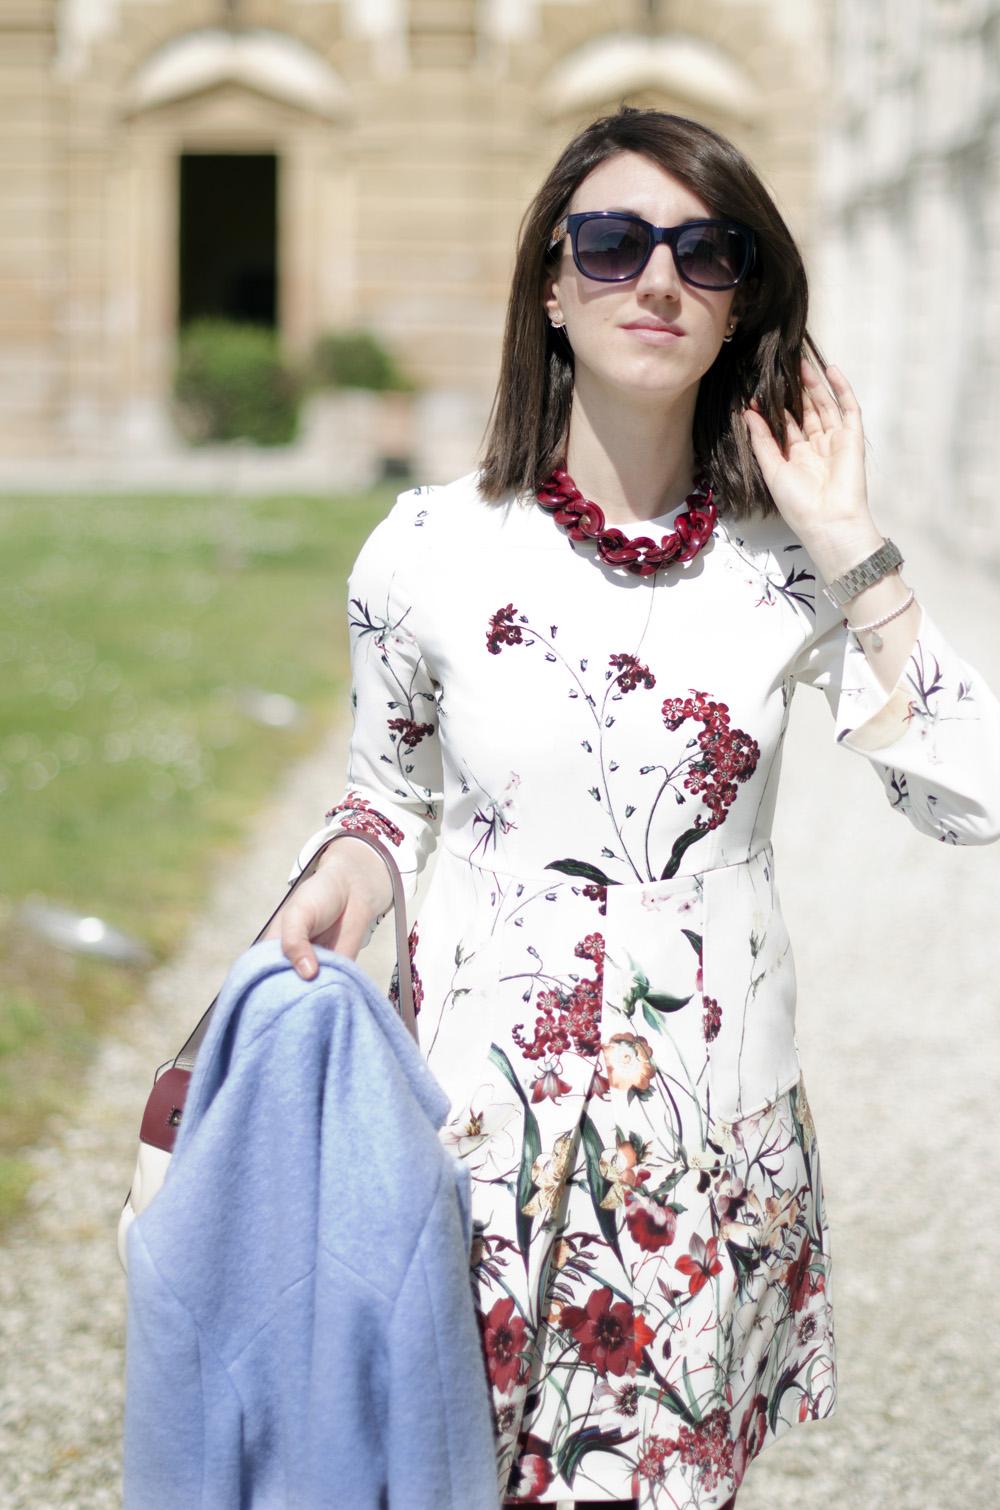 info for aef80 98310 it]Un vestito a fiori per la primavera: